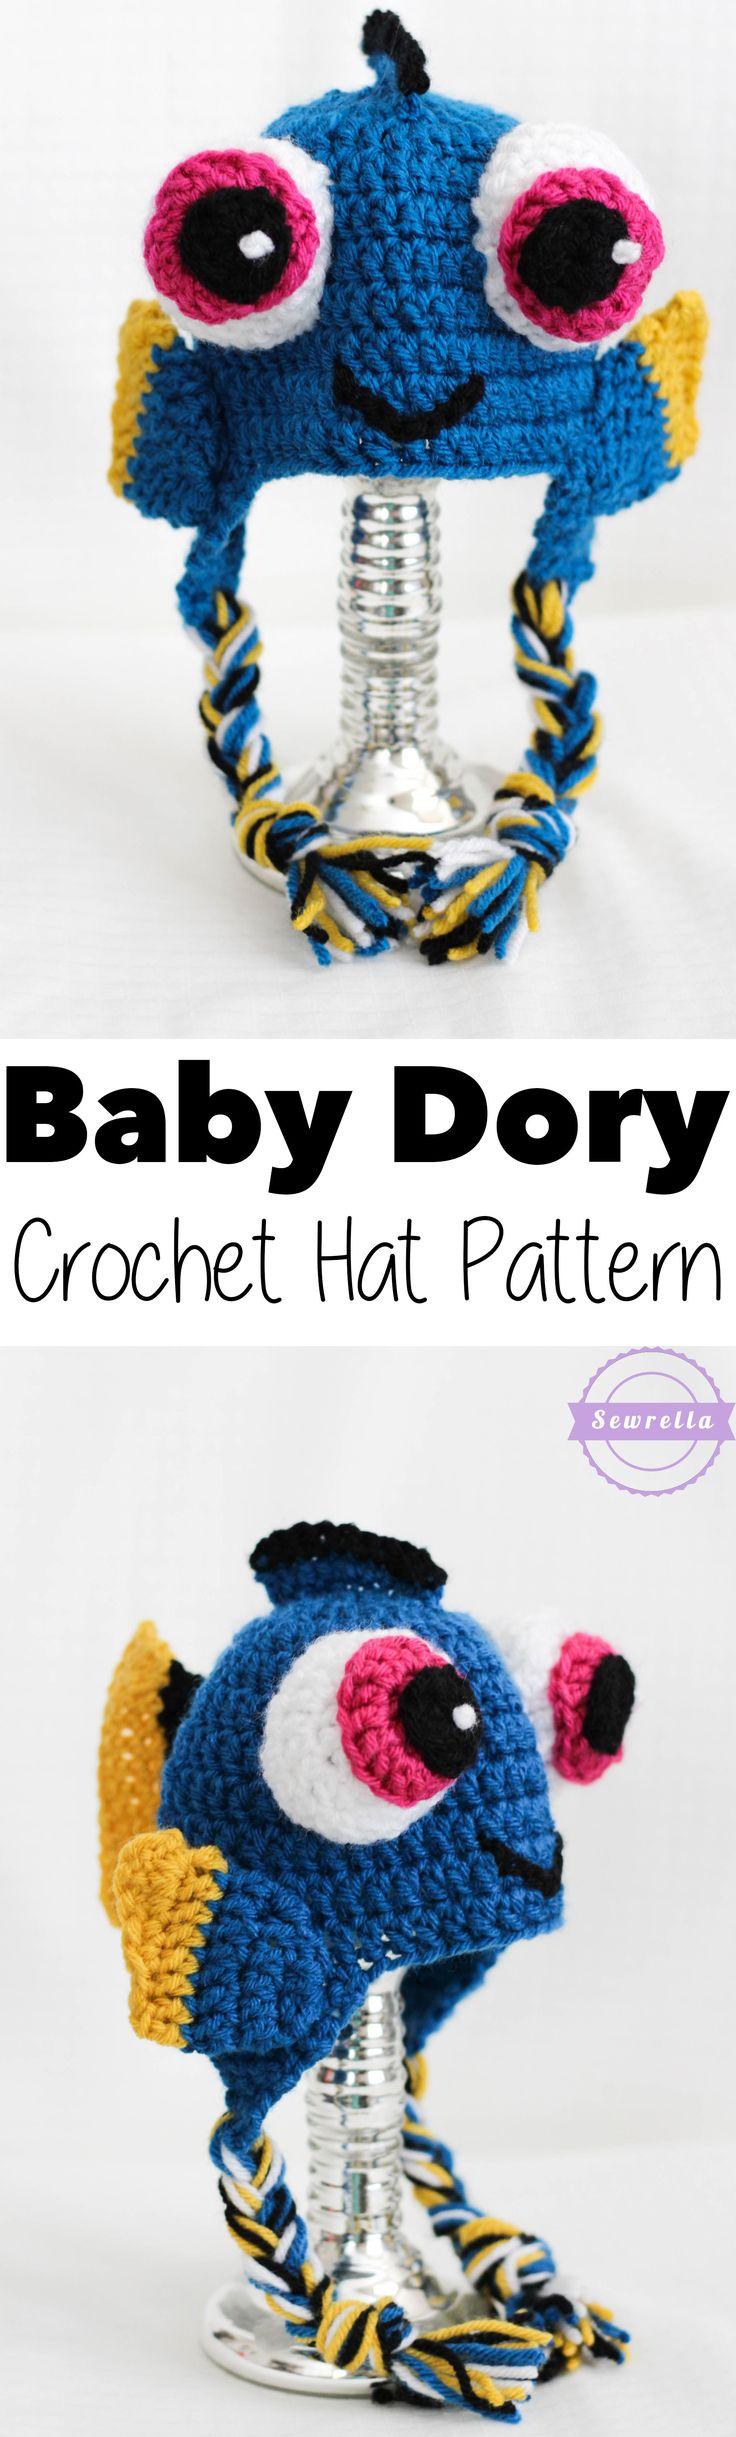 Mejores 502 imágenes de Crochet Hats en Pinterest